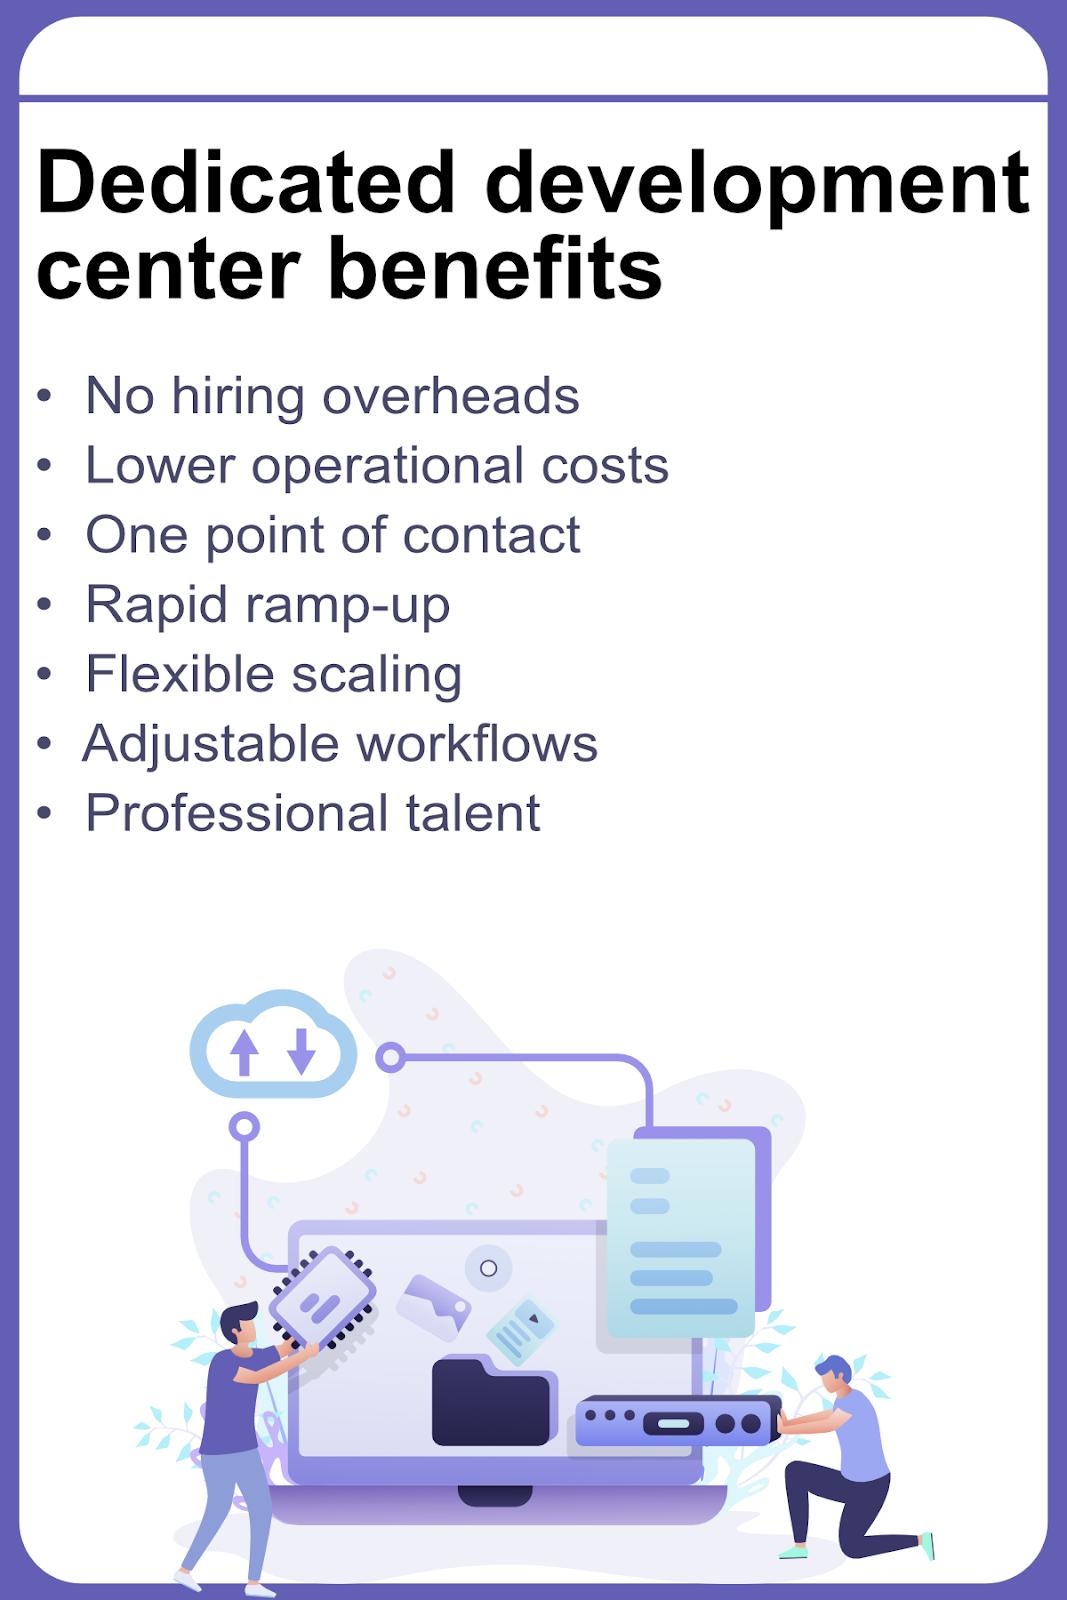 Dedicated development center benefits list